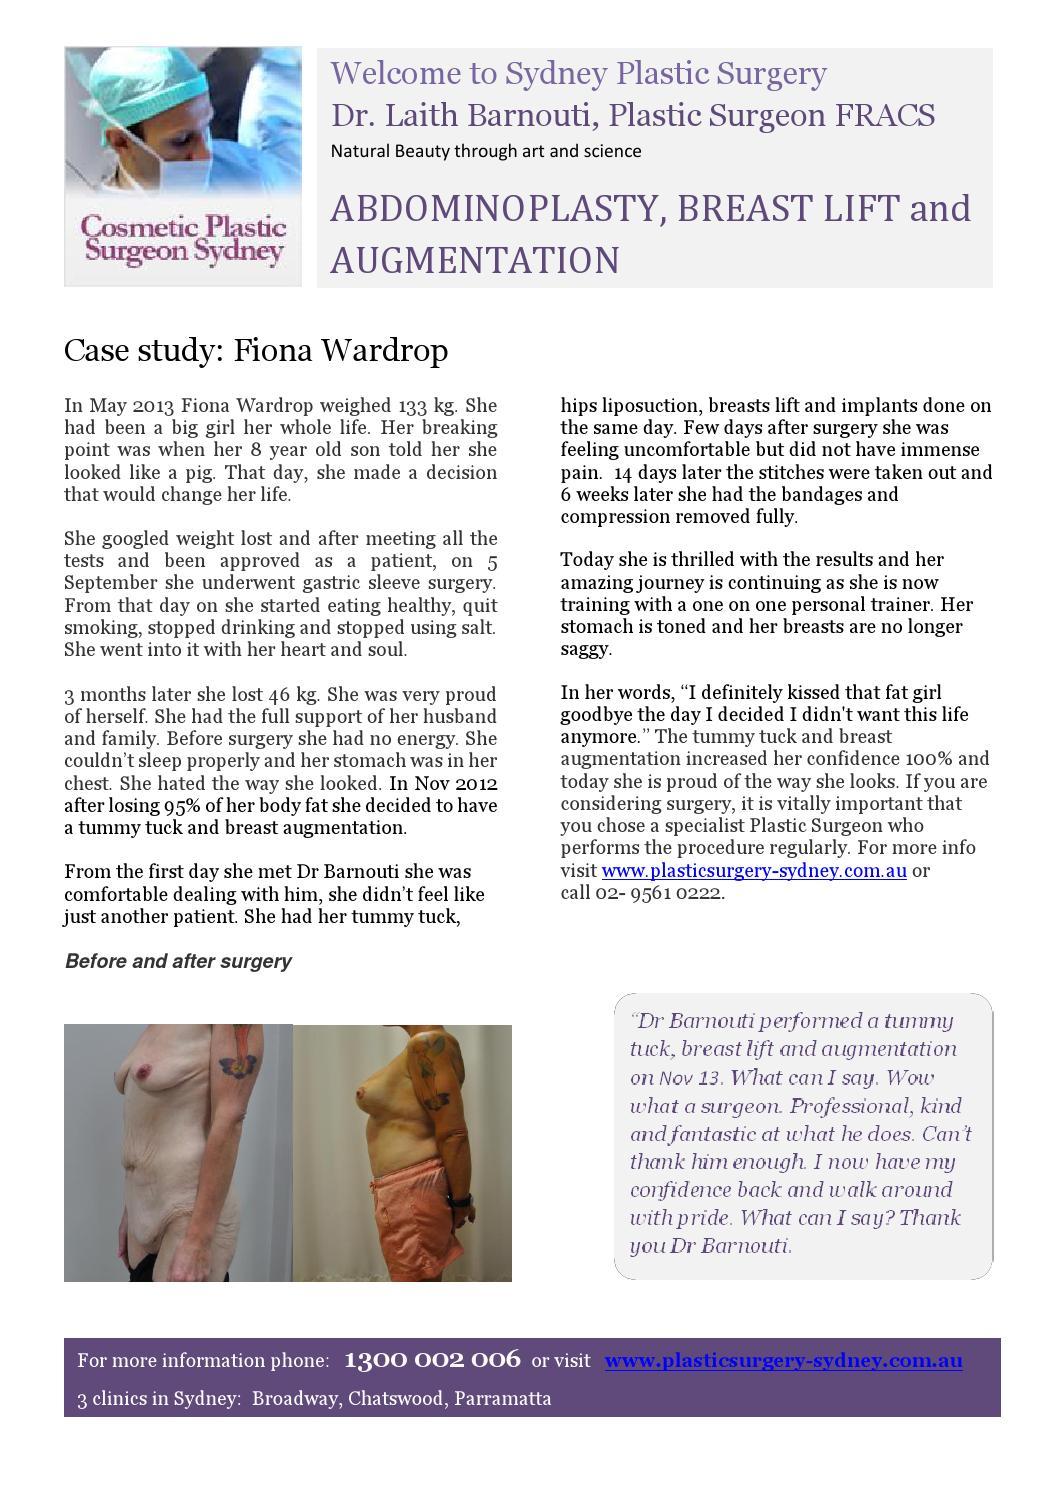 Plastic Surgery Sydney | Dr Laith Barnouti by Laith Barnouti